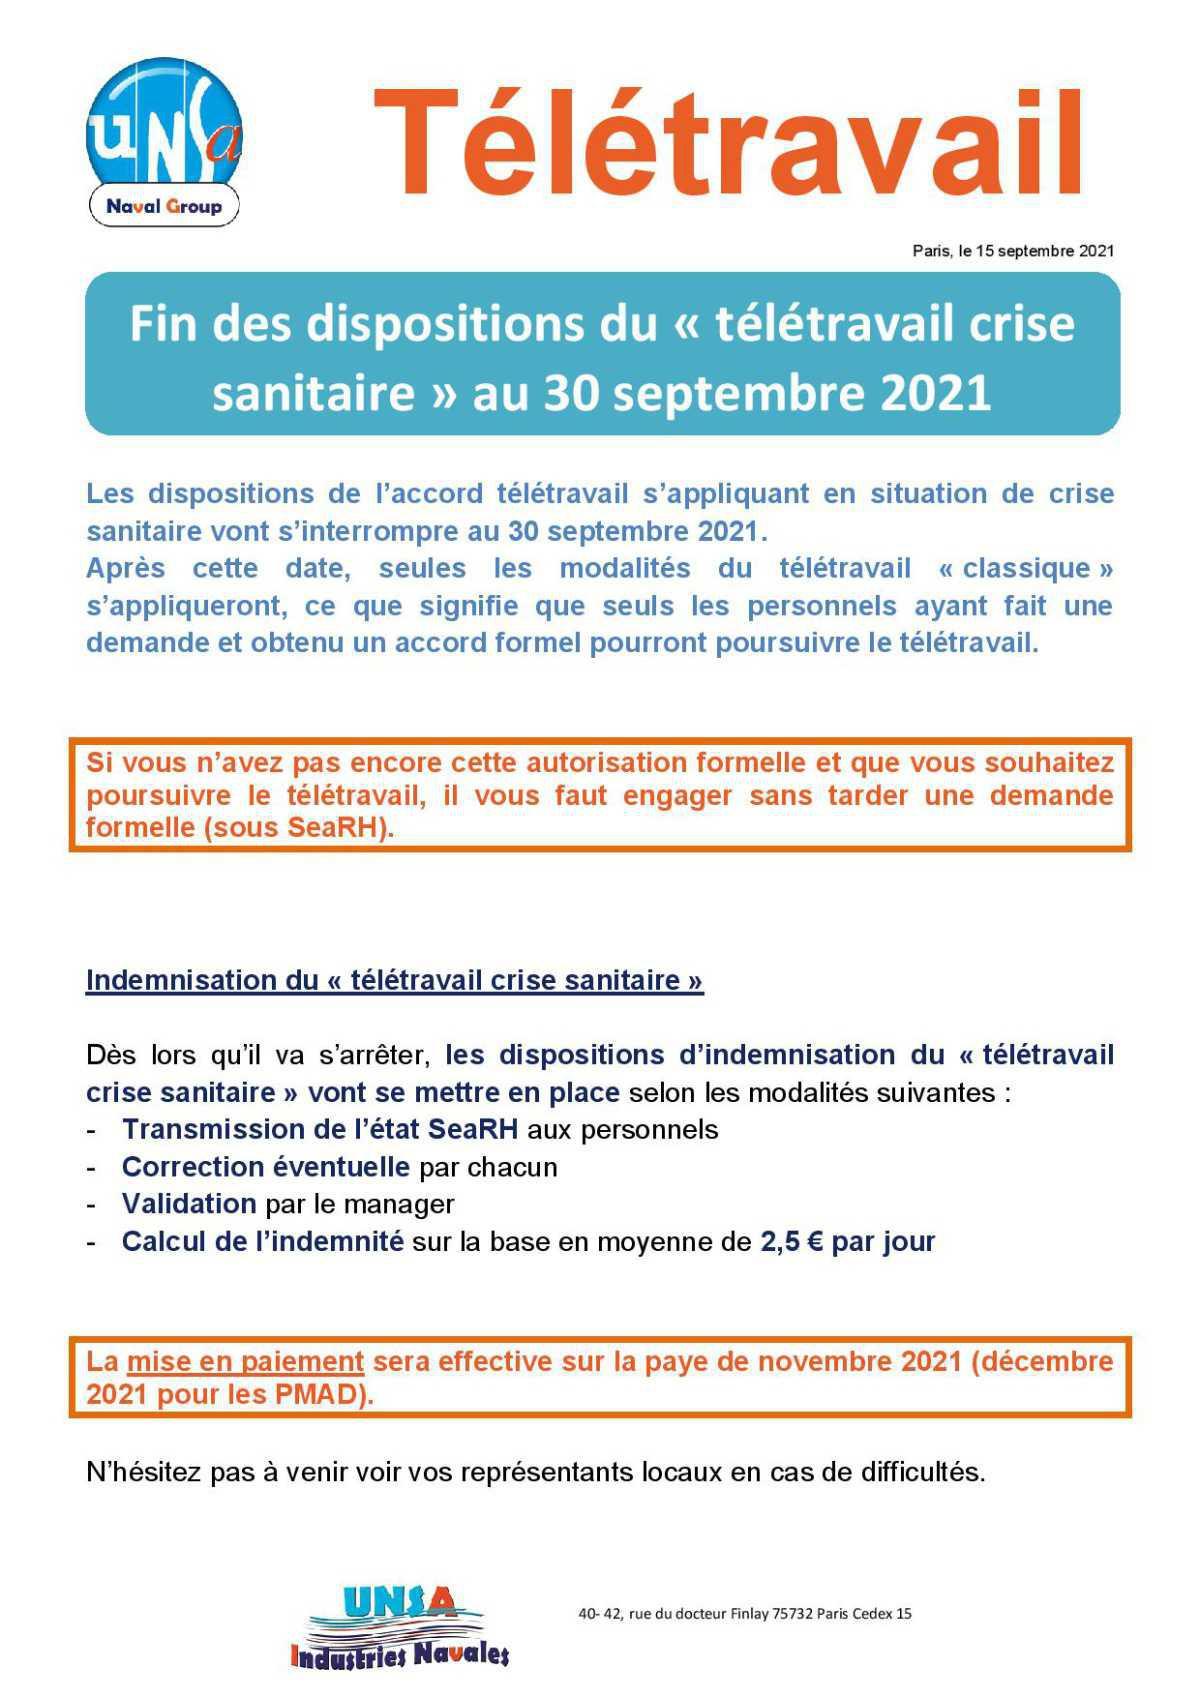 Télétravail : Fin des dispositions du « télétravail crise sanitaire » au 30 septembre 2021